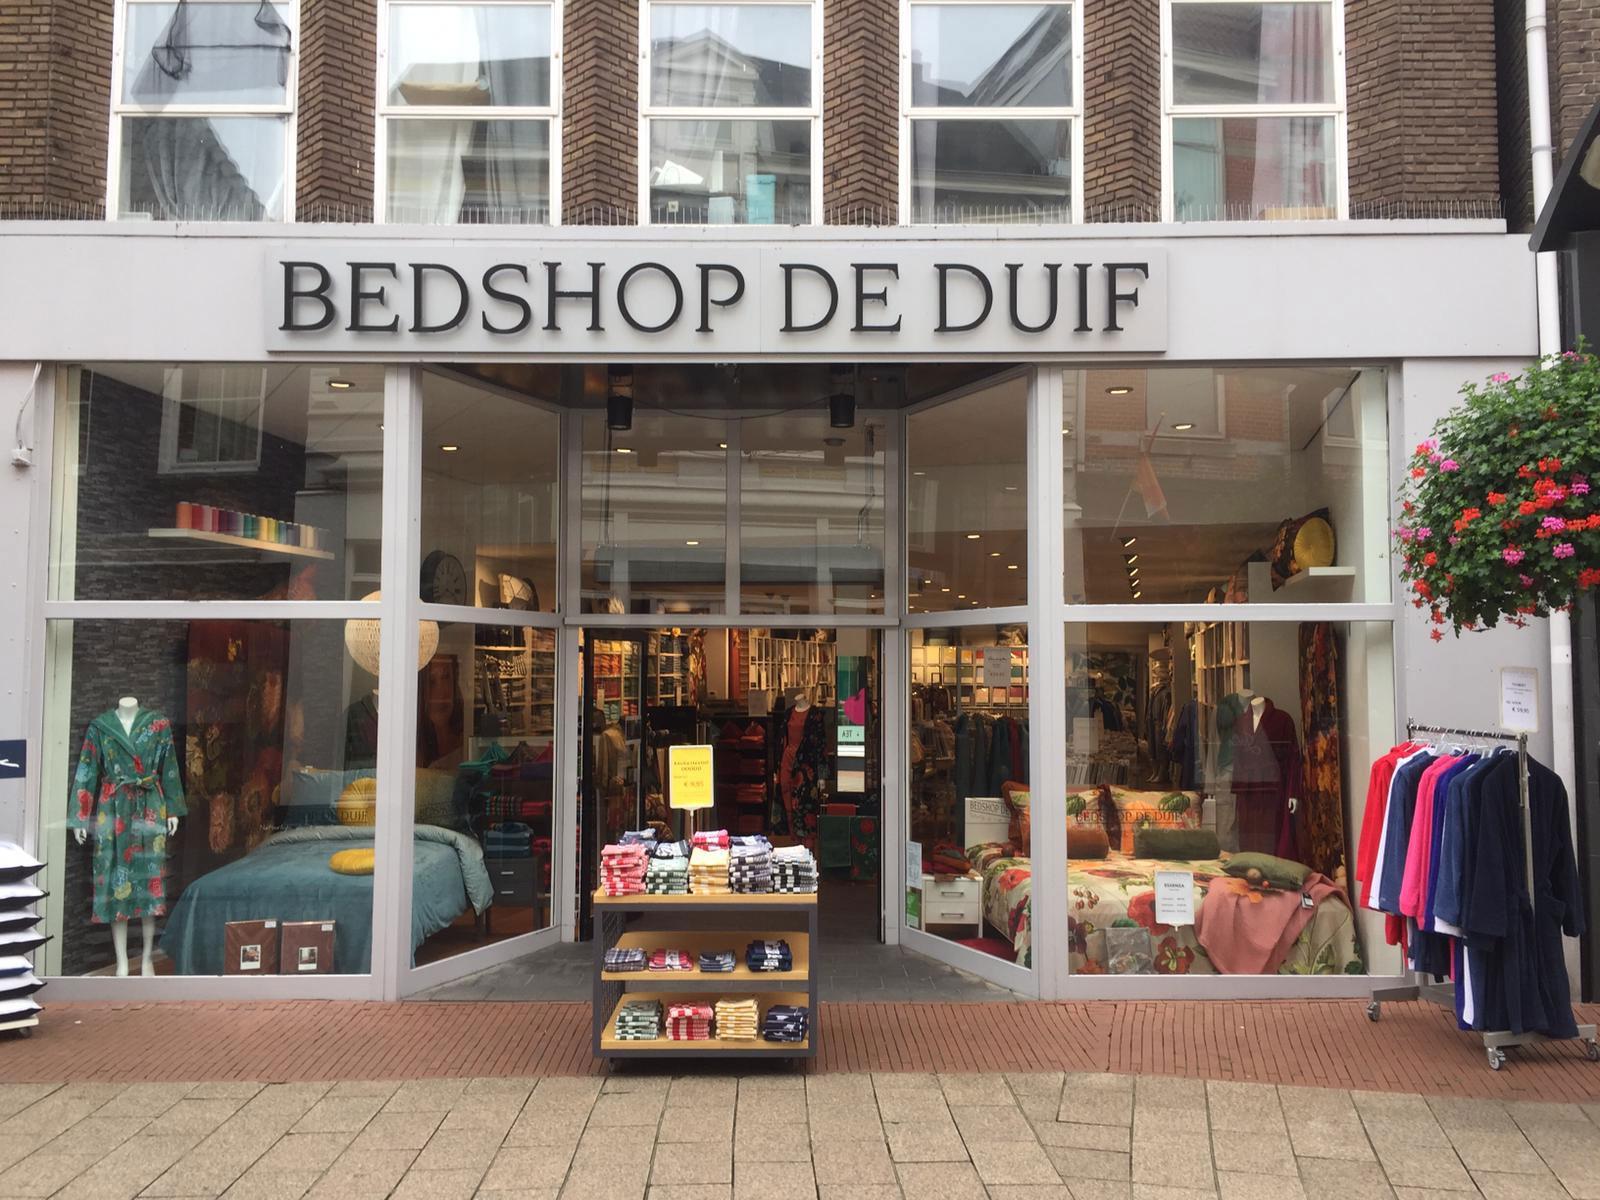 Bedshop De Duif Enschede